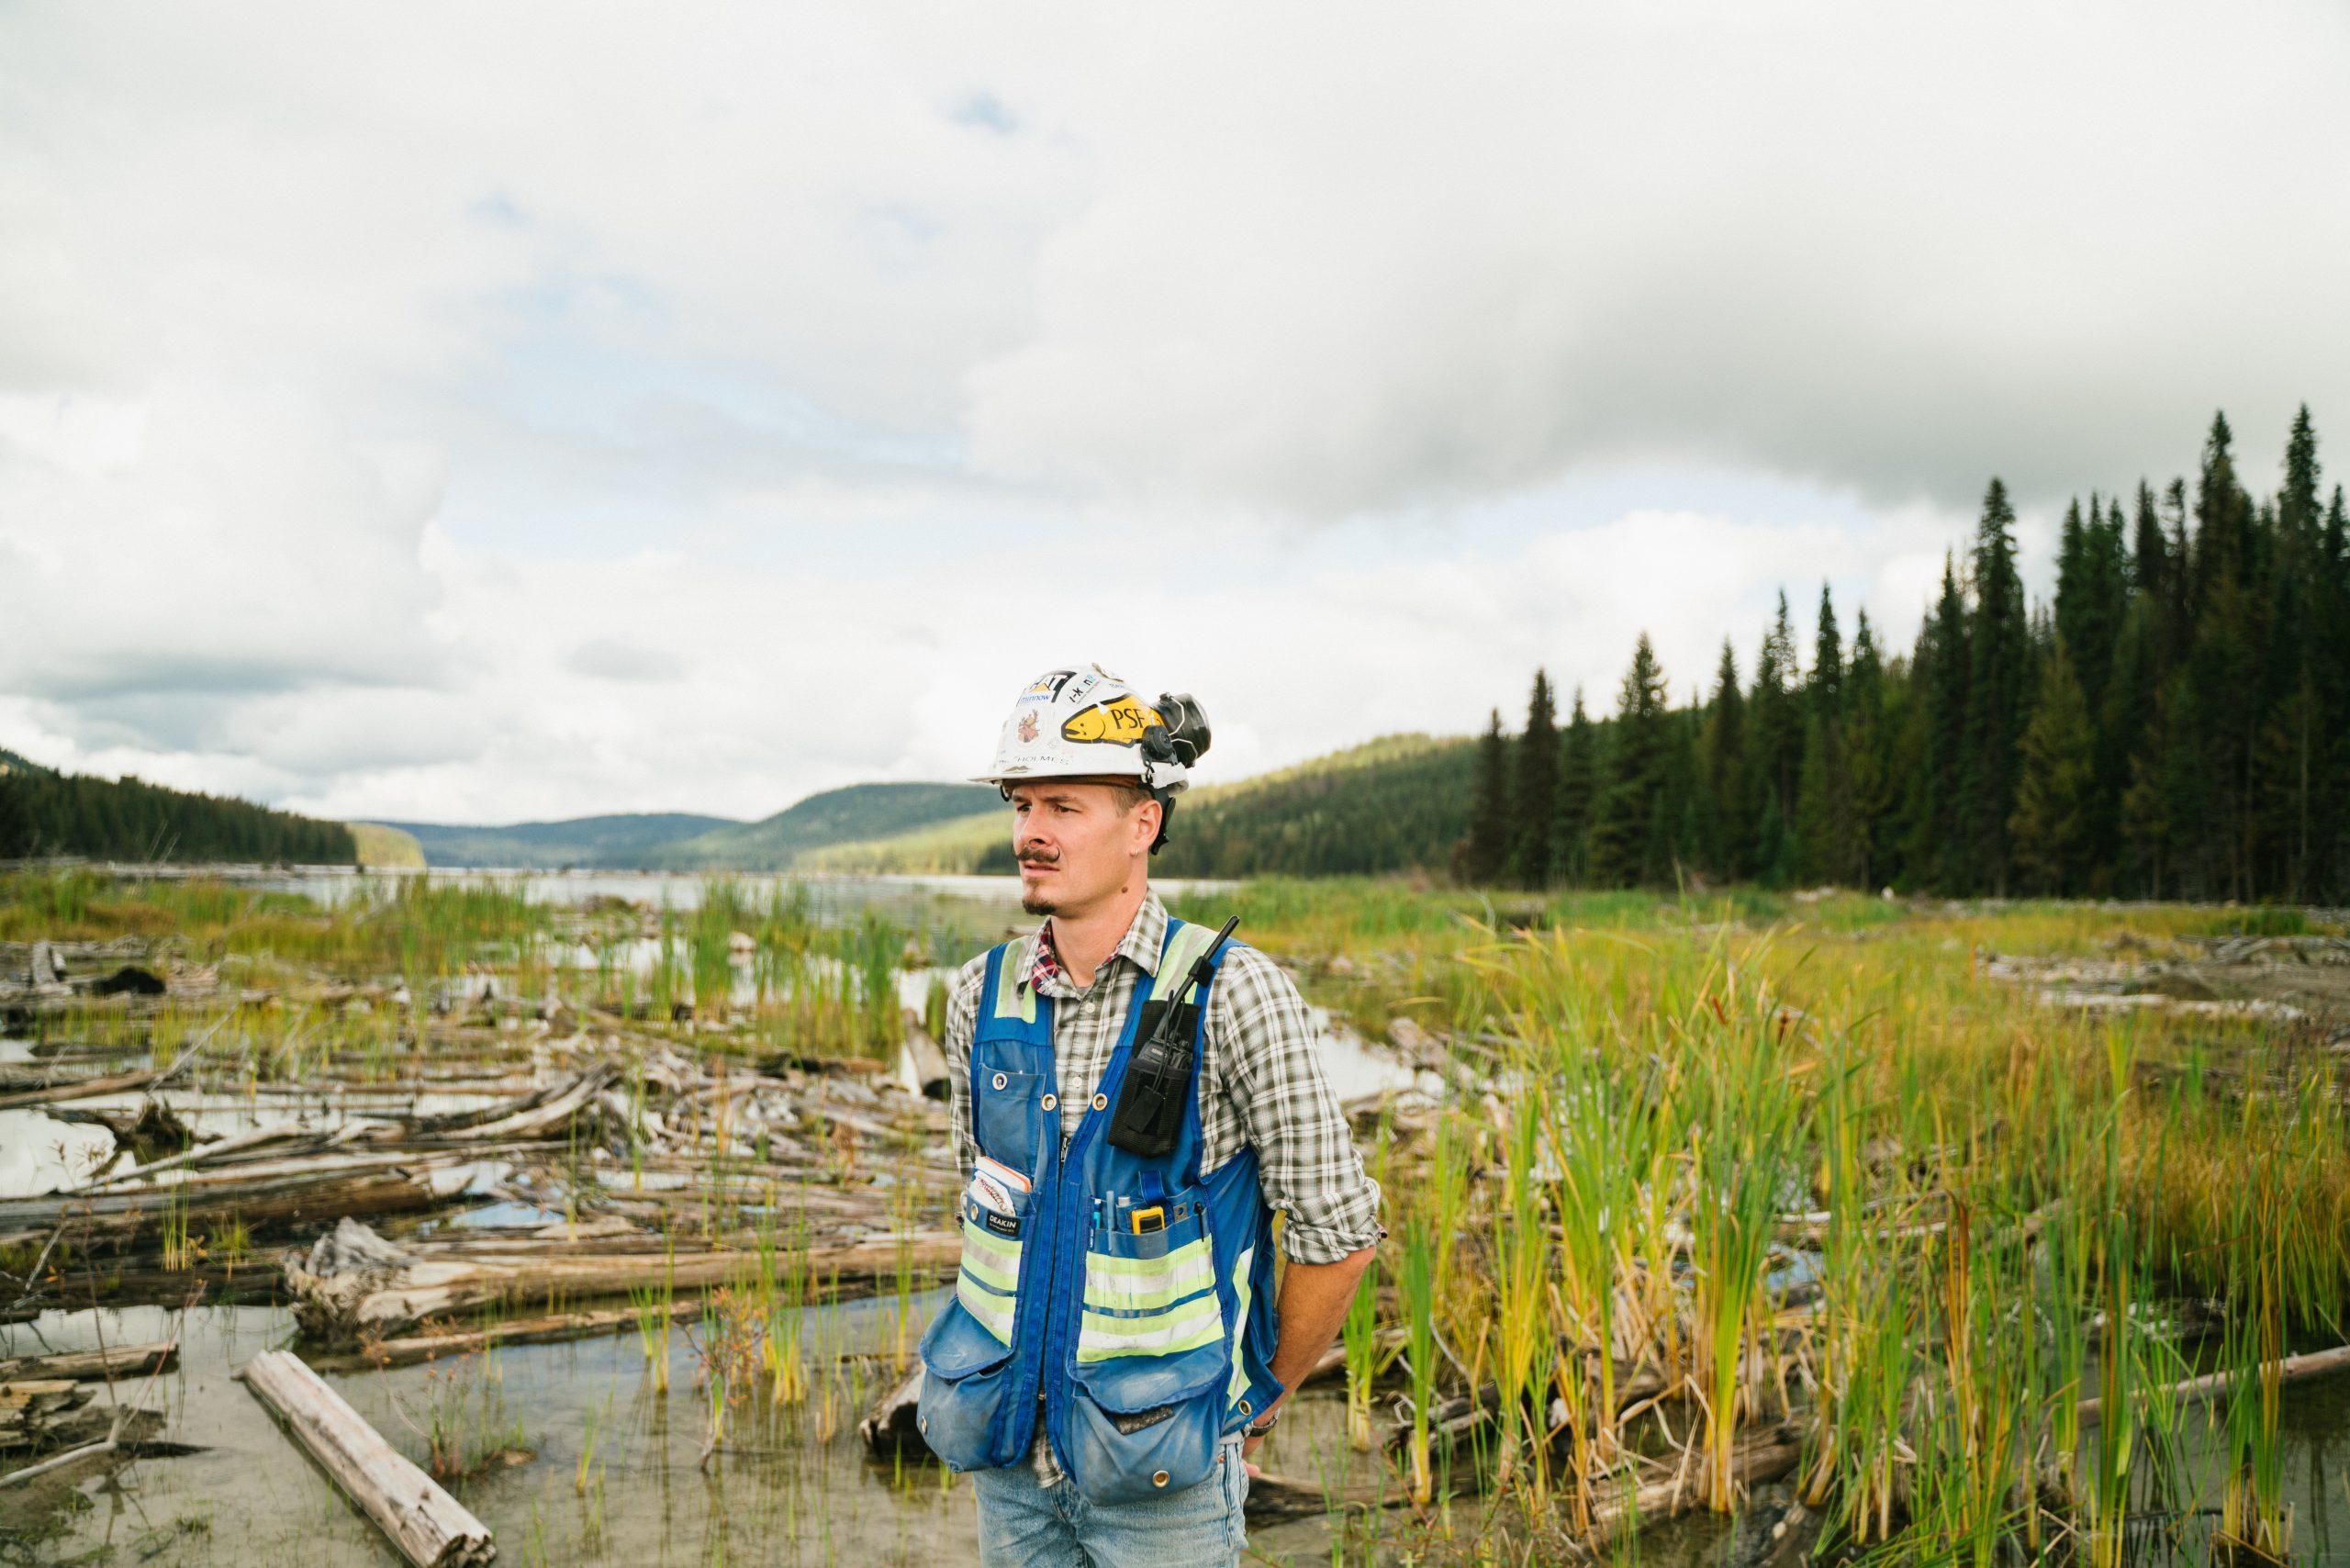 ¿Por qué y cómo desarrollar proyectos de restauración ecológica?